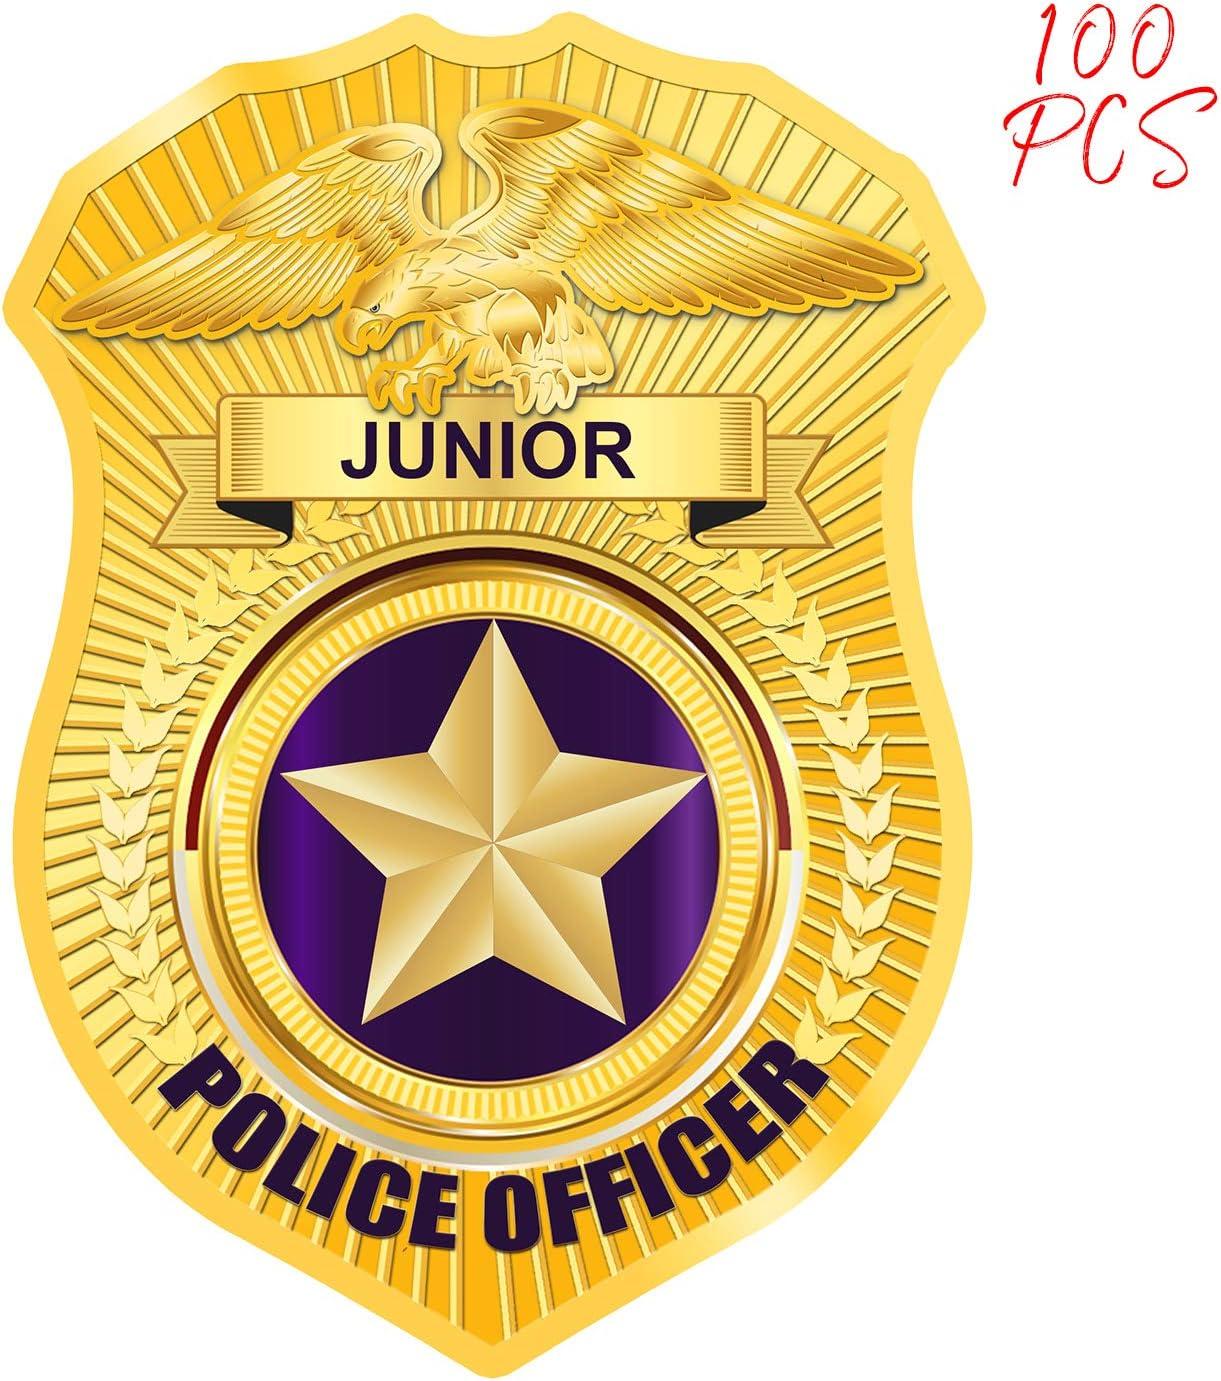 AKITSUMA - Pegatinas para insignia de oficial de policía junior, 100 unidades, para la educación escolar, eventos comunitarios, fiestas infantiles, desfiles y eventos de parque, US-AKI-30 (100 unidades): Amazon.es: Juguetes y juegos